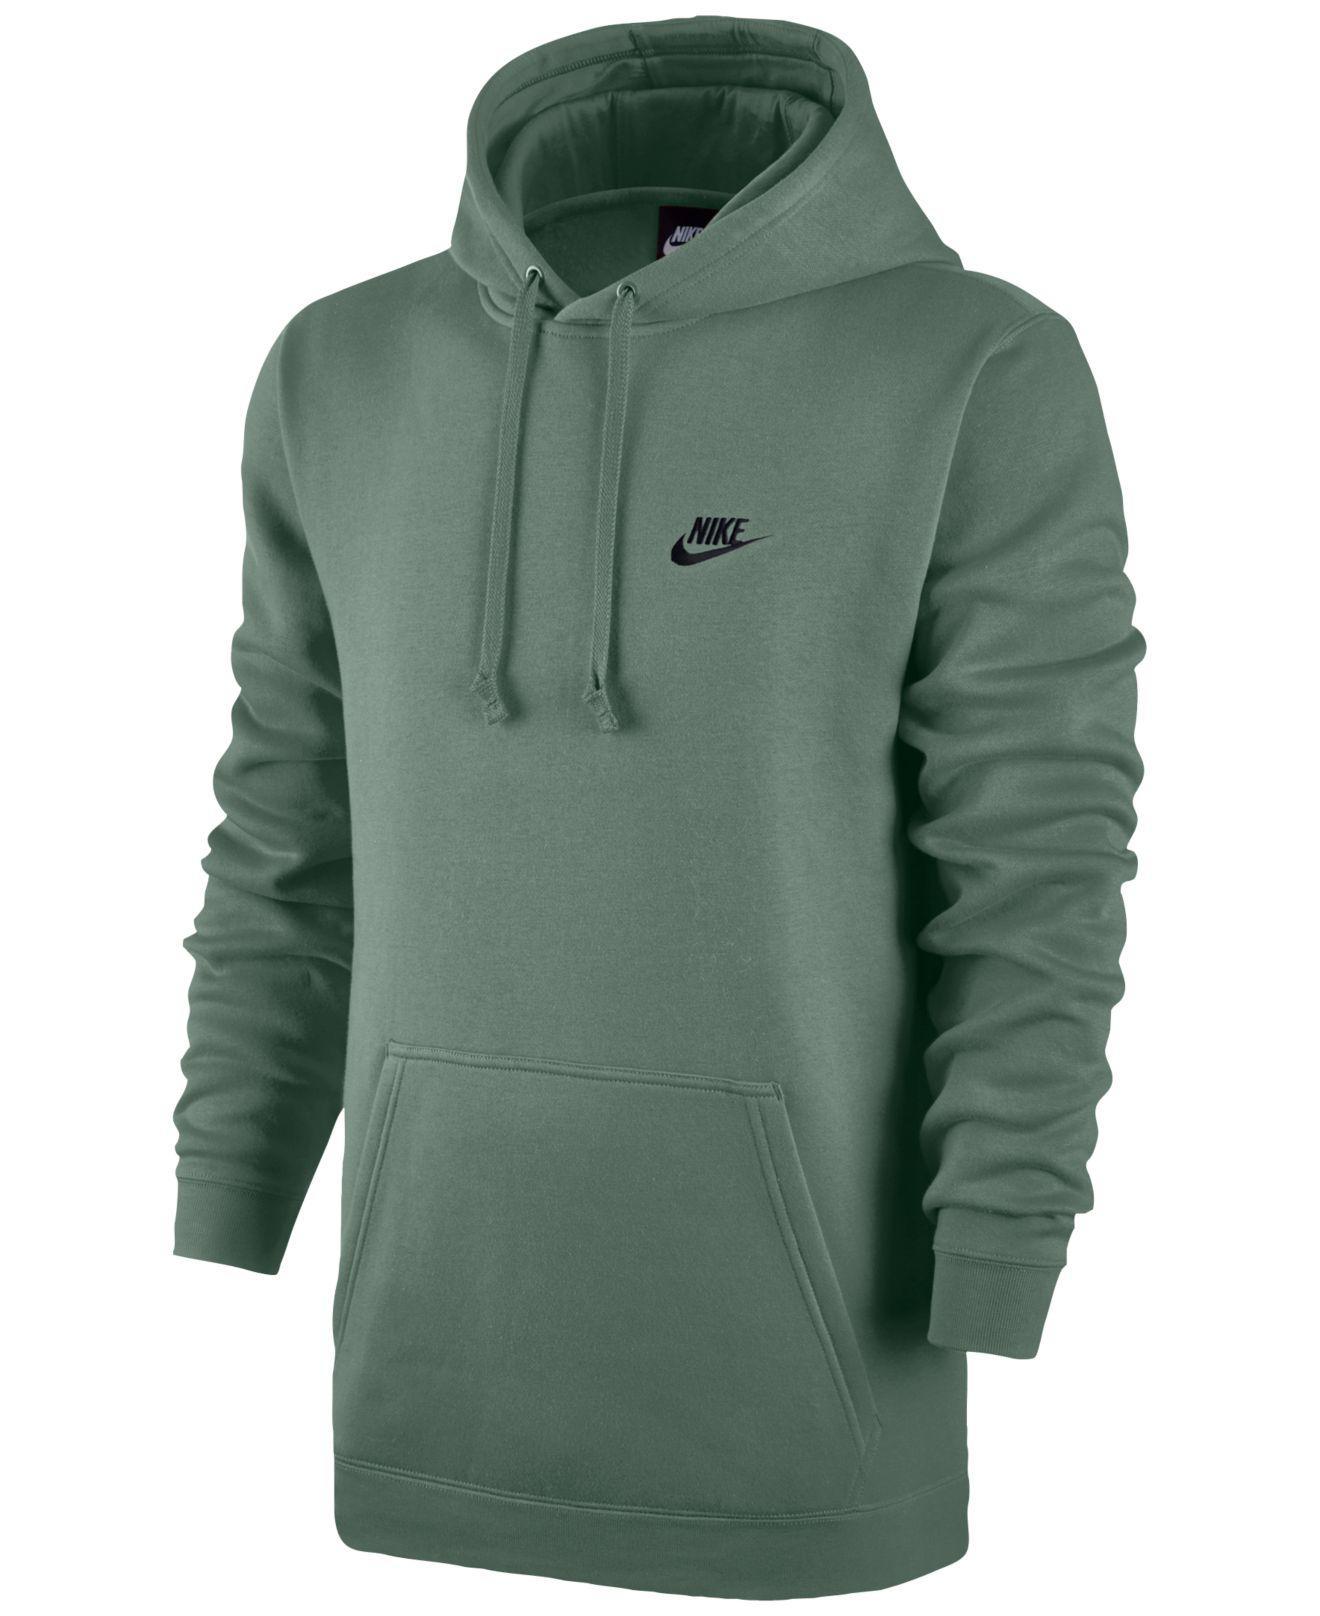 nike fleece green